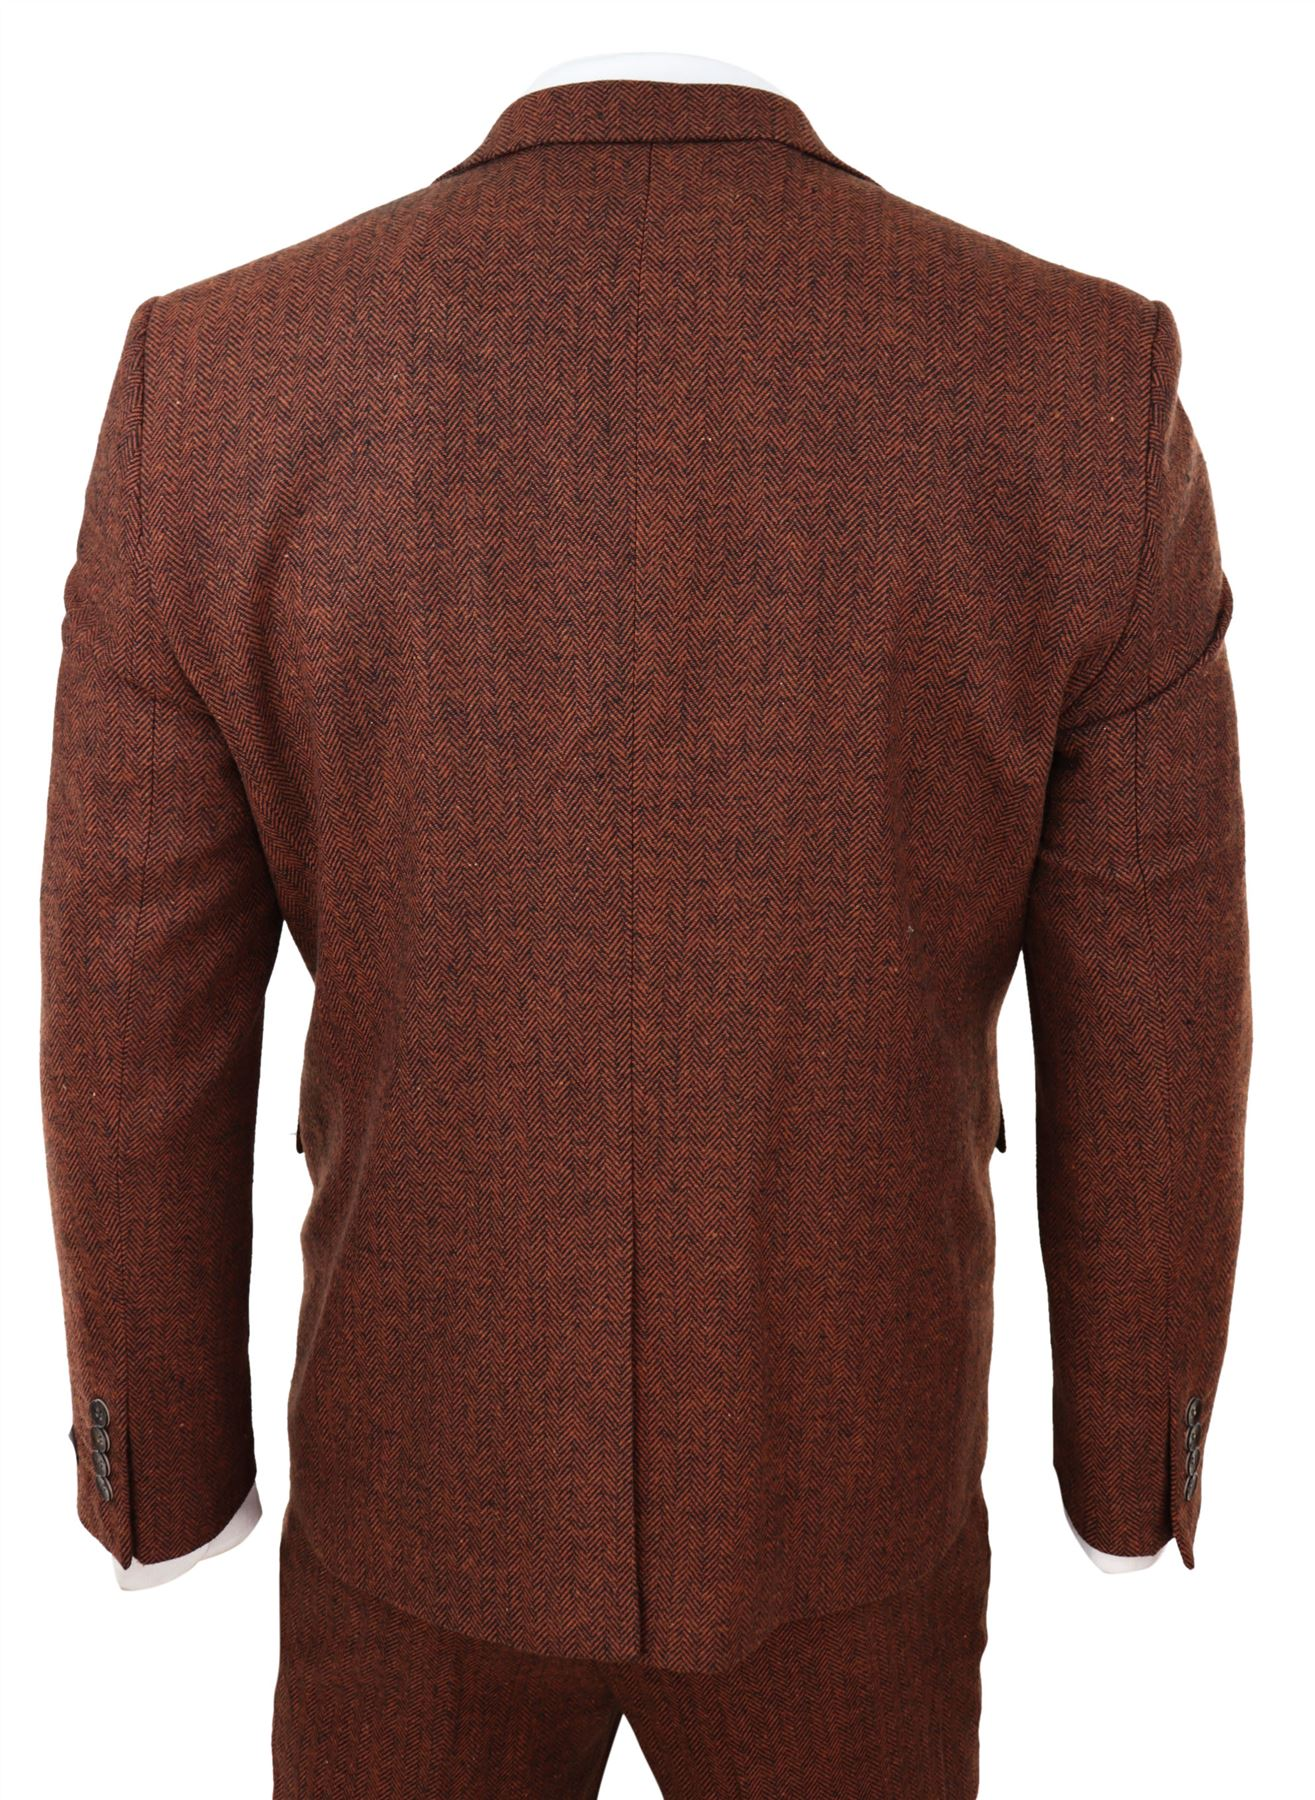 Mens 3 Piece Tweed Suit Herringbone Wool Vintage Retro Peaky Blinders 1920s